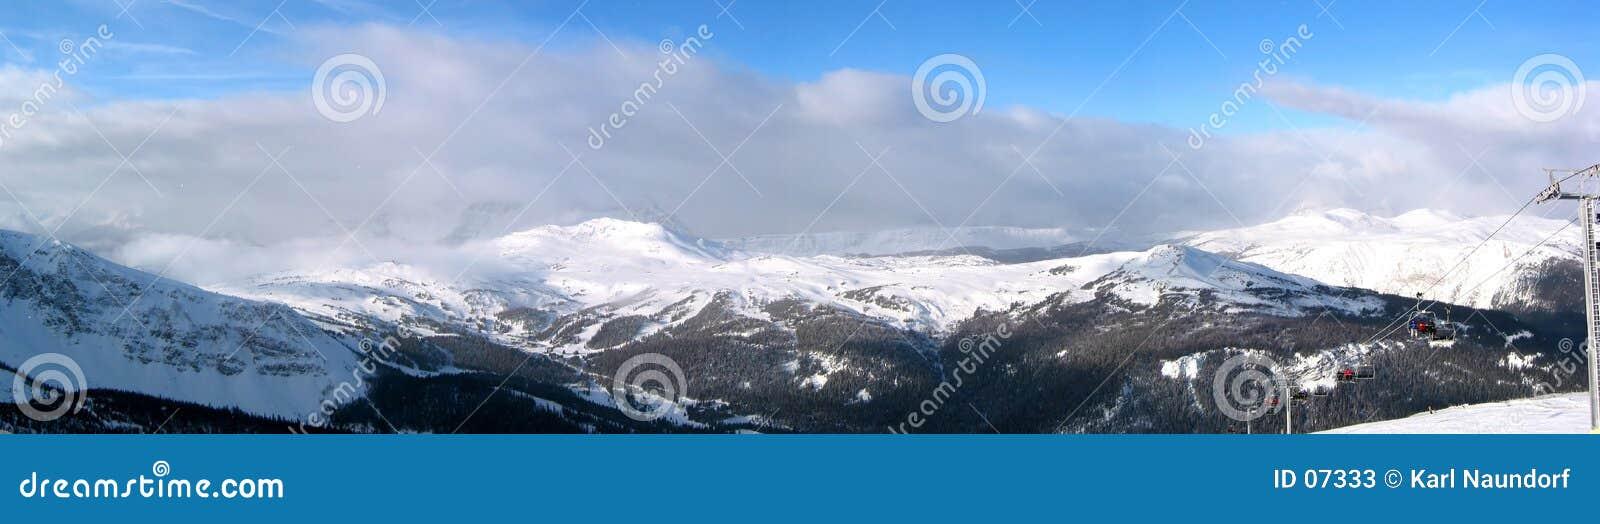 Sturm, der in den Bergen braut